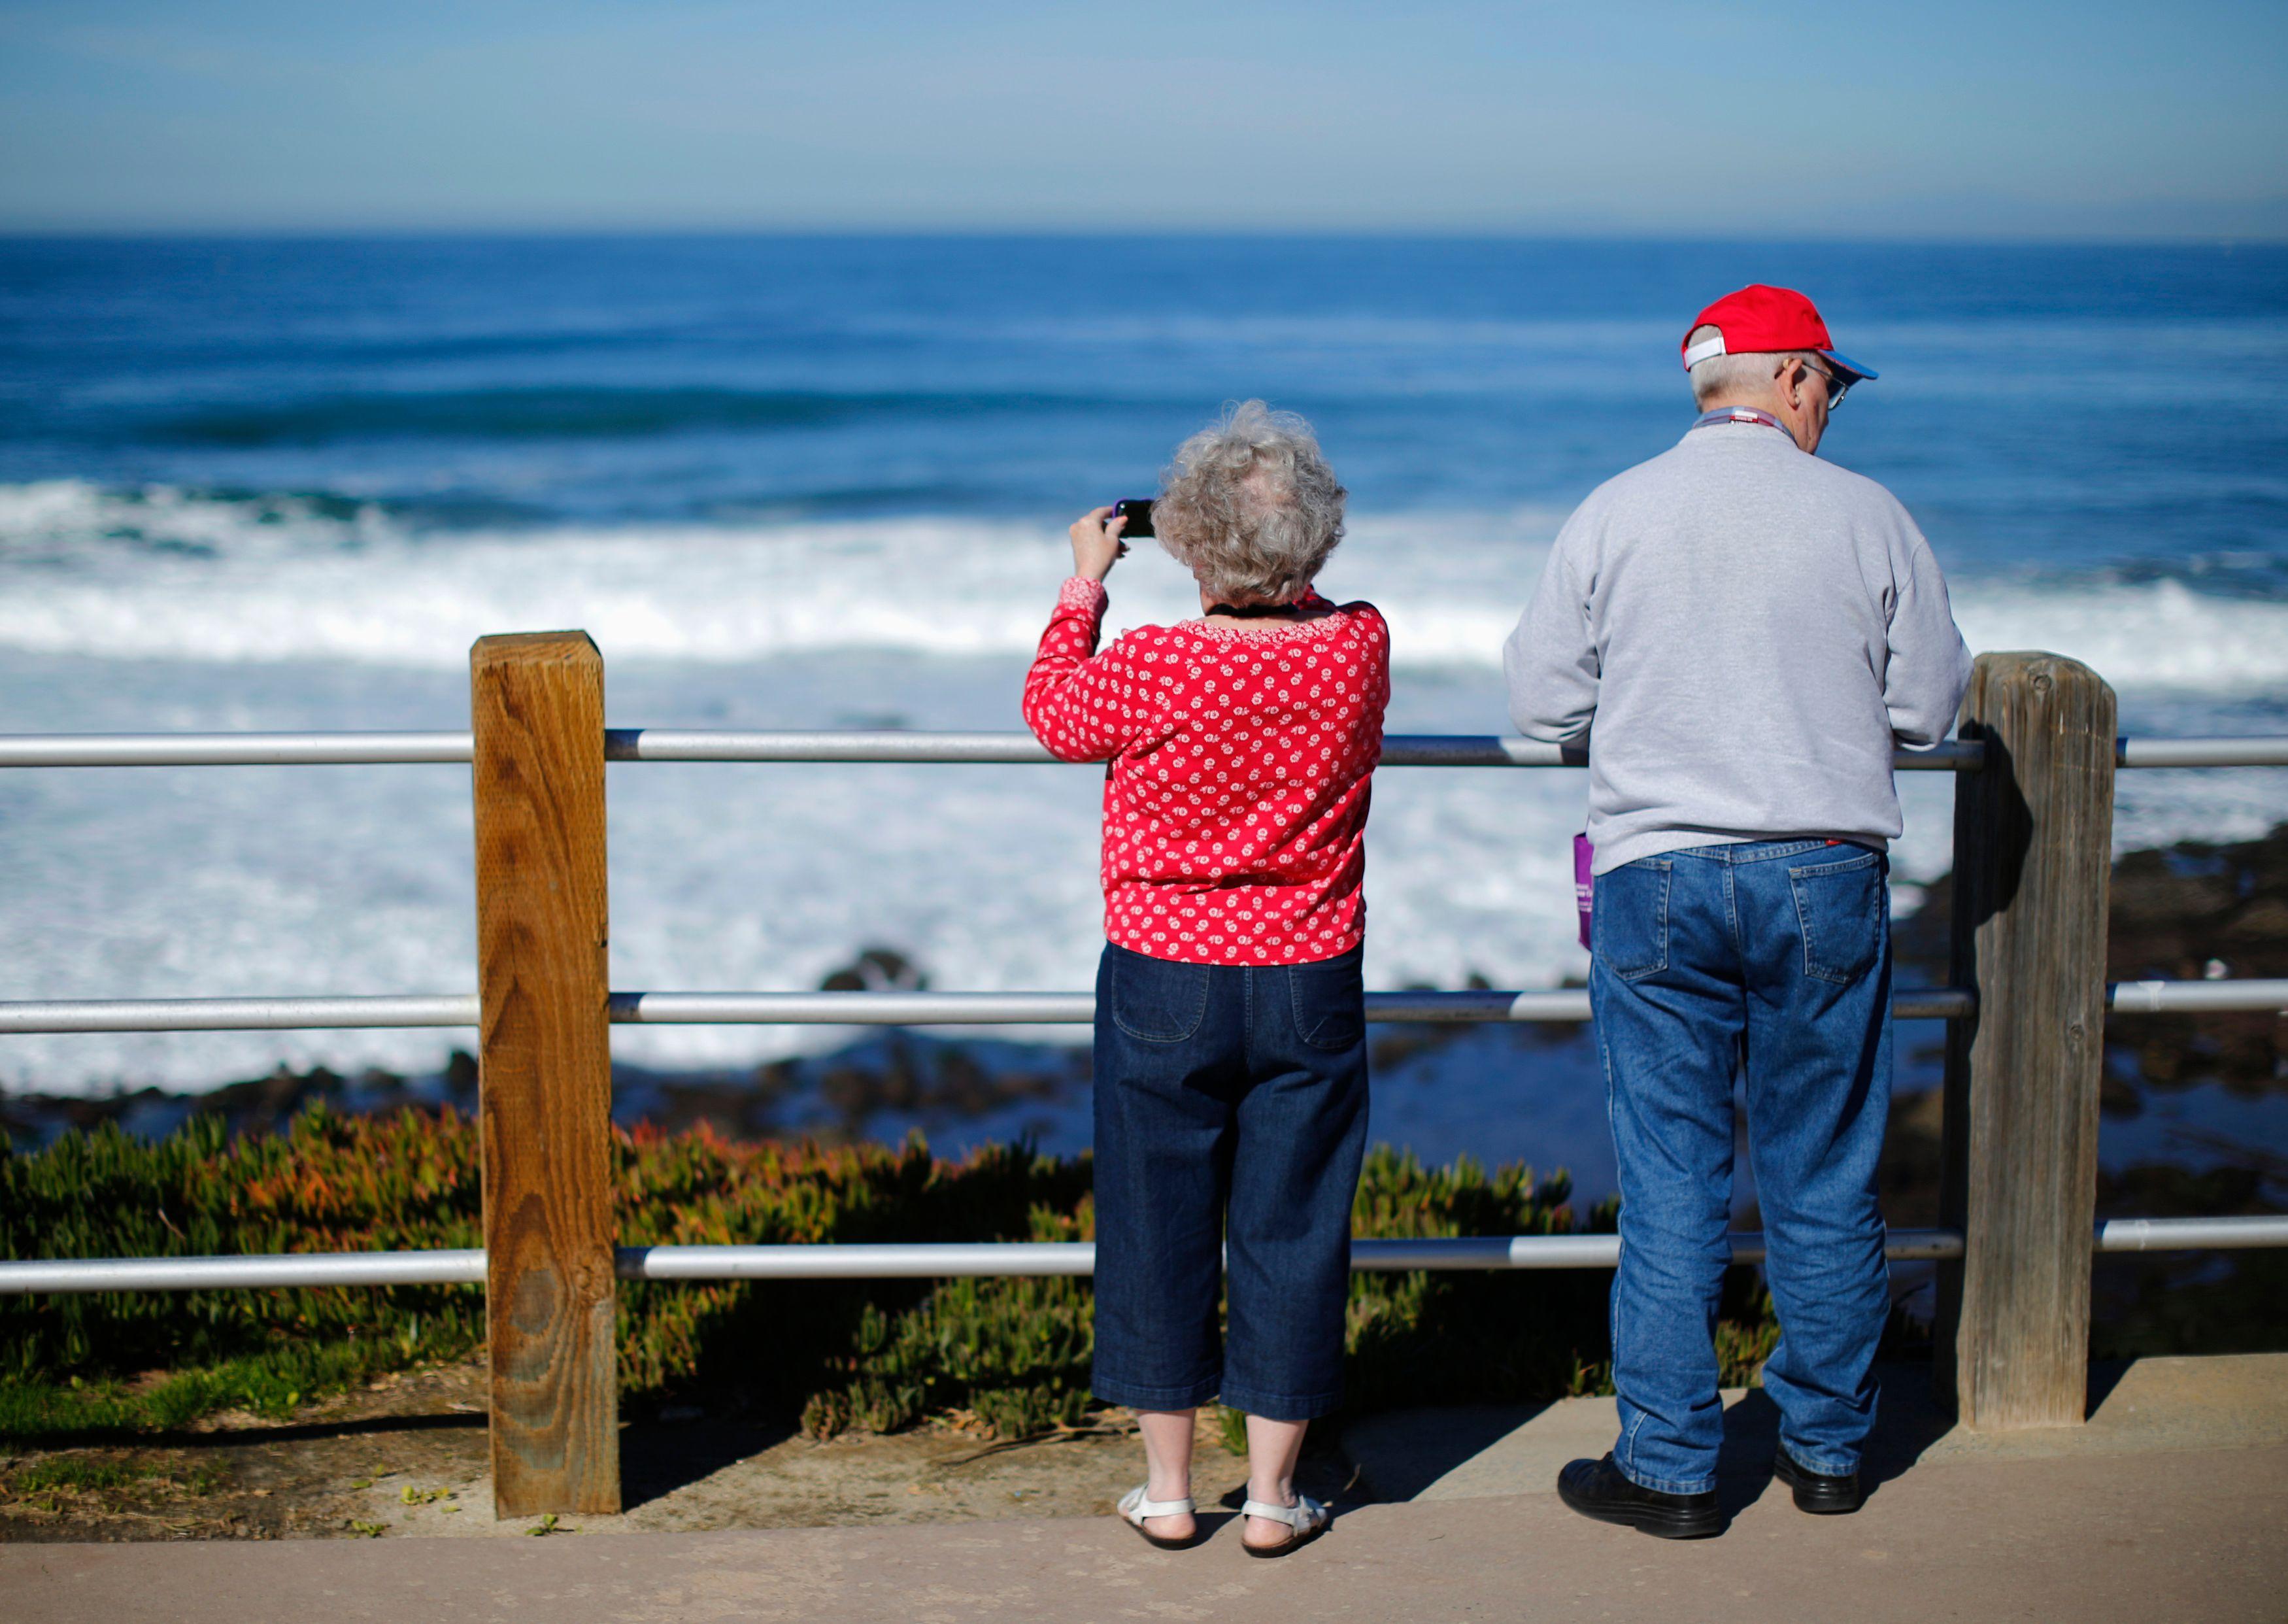 Le bel âge du cerveau : pourquoi les personnes âgées ont une plus grande stabilité émotionnelle